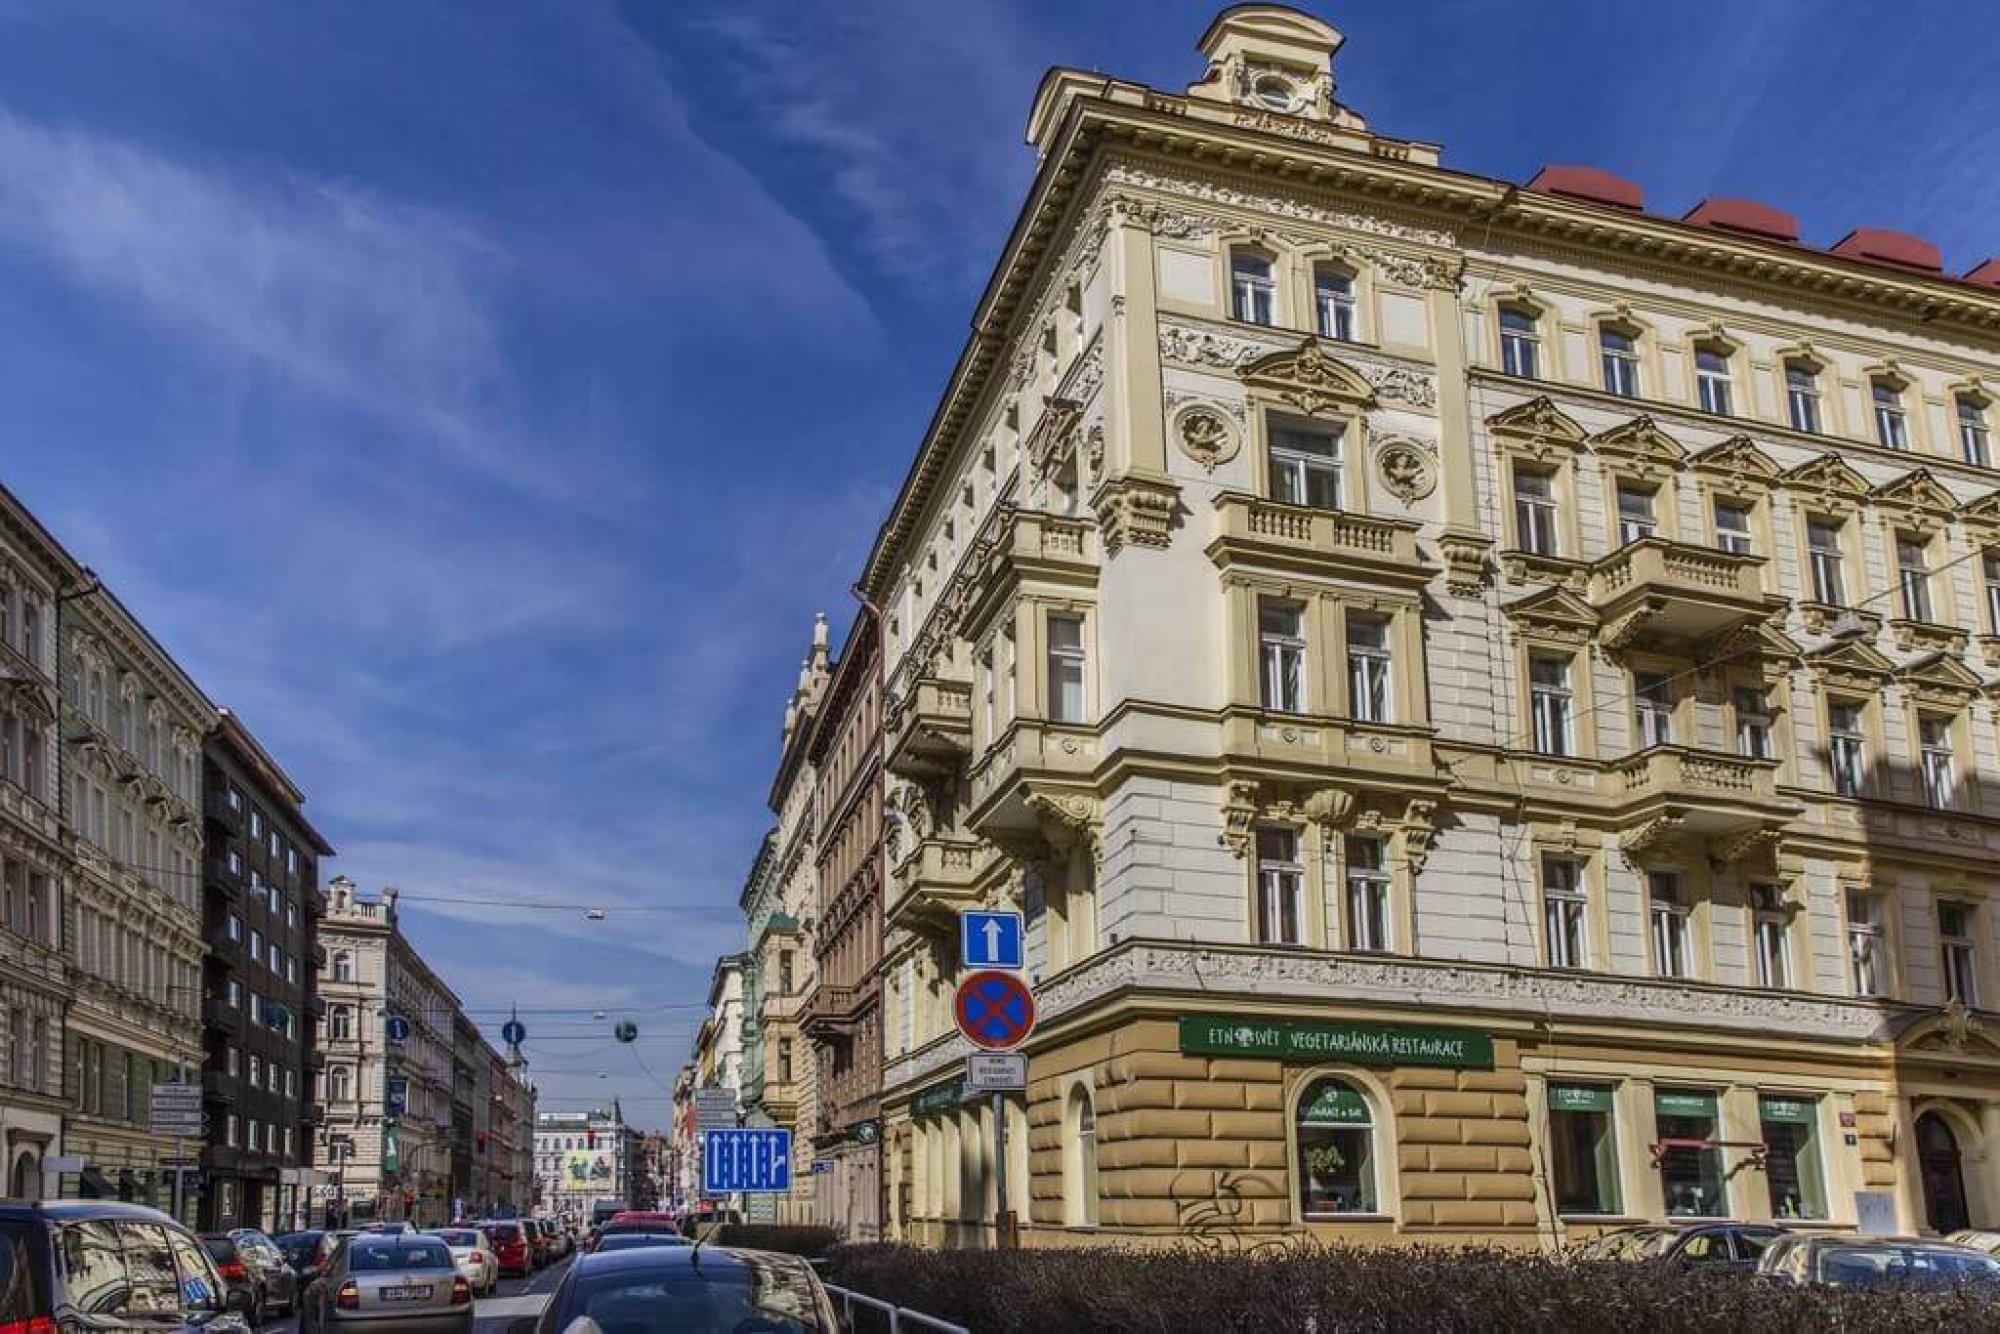 Pohled z ulice Tyršova - Půdní byt 1+kk, plocha 28 m², ulice Tyršova, Praha 2 - Nové Město | 2